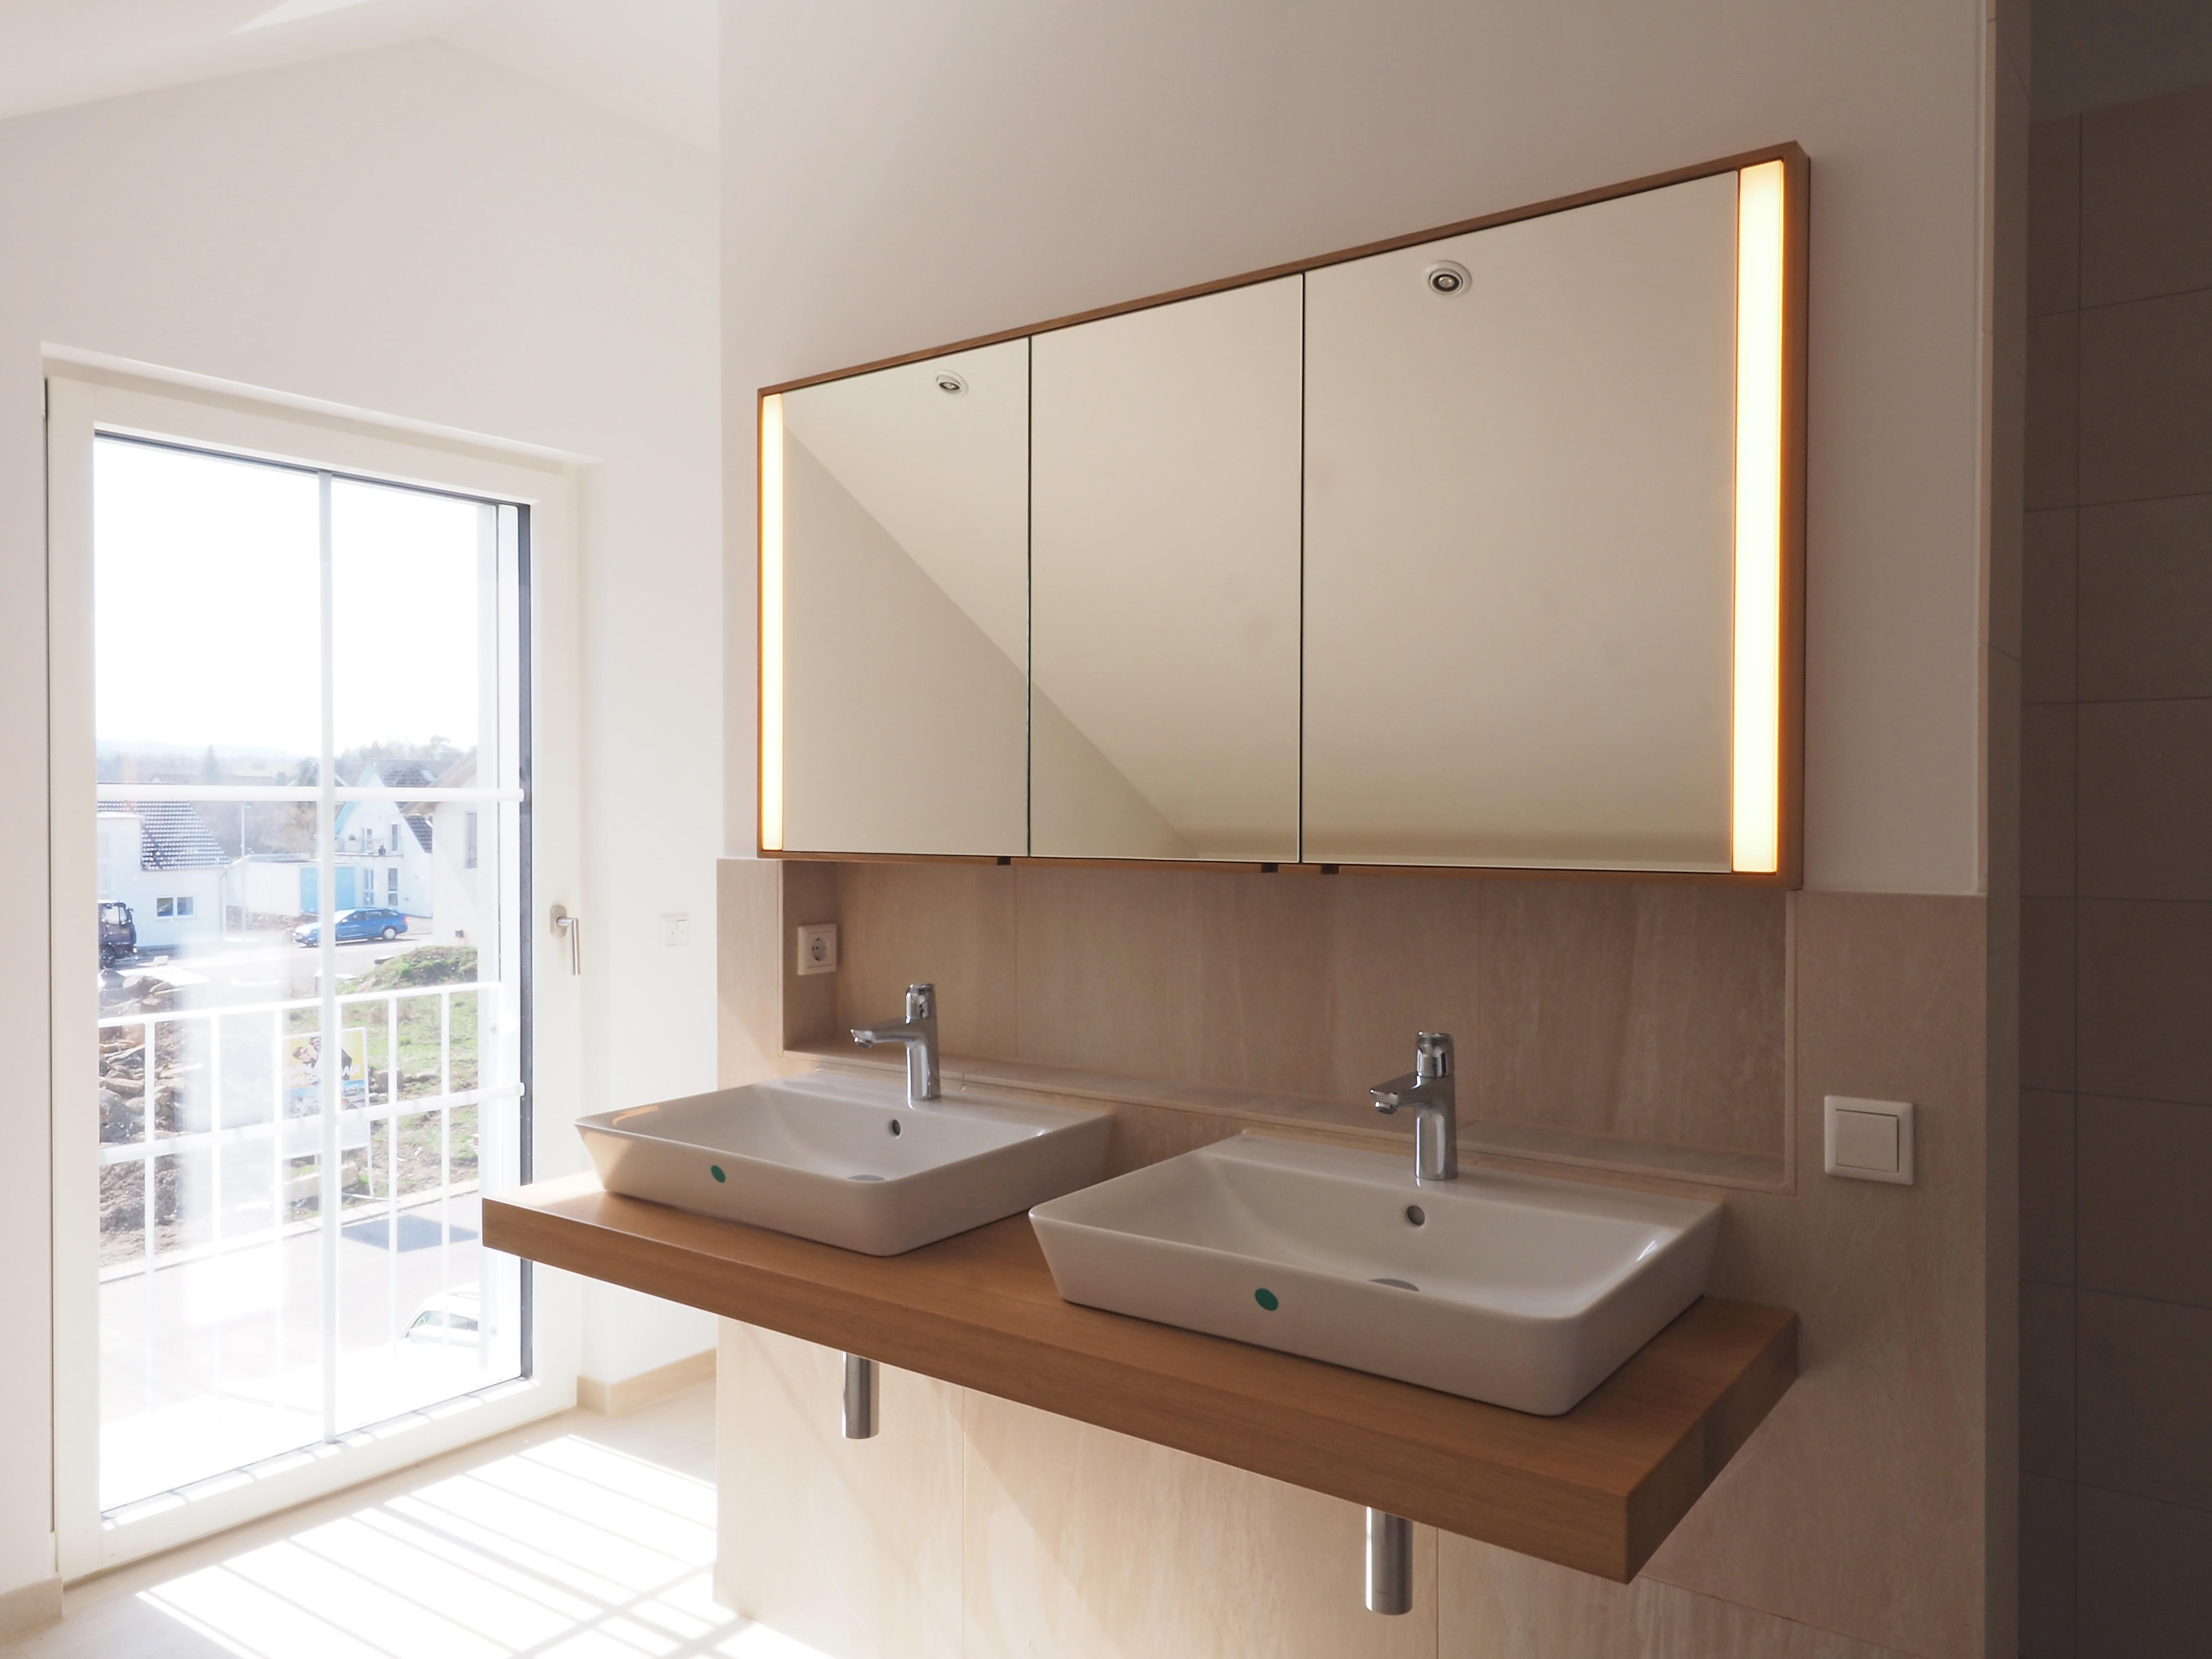 Badmöbel in Eiche Massivholz doppelseitiger Spiegel 05